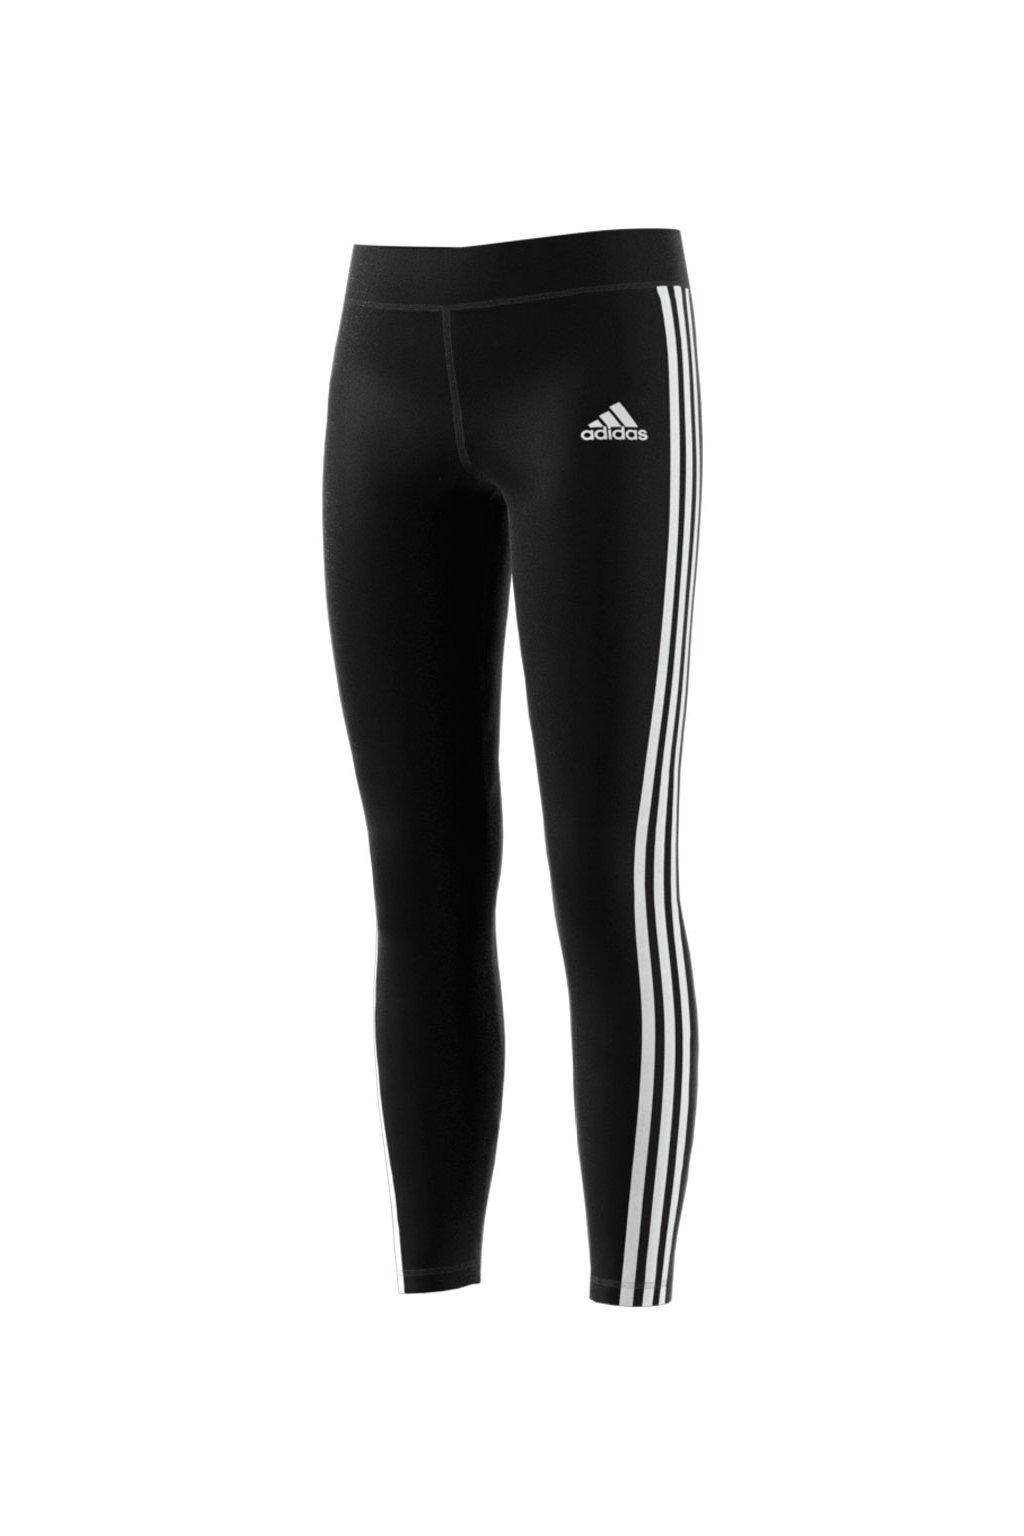 Dievčenské legíny Adidas 3-stripes Tight čierne BQ2907